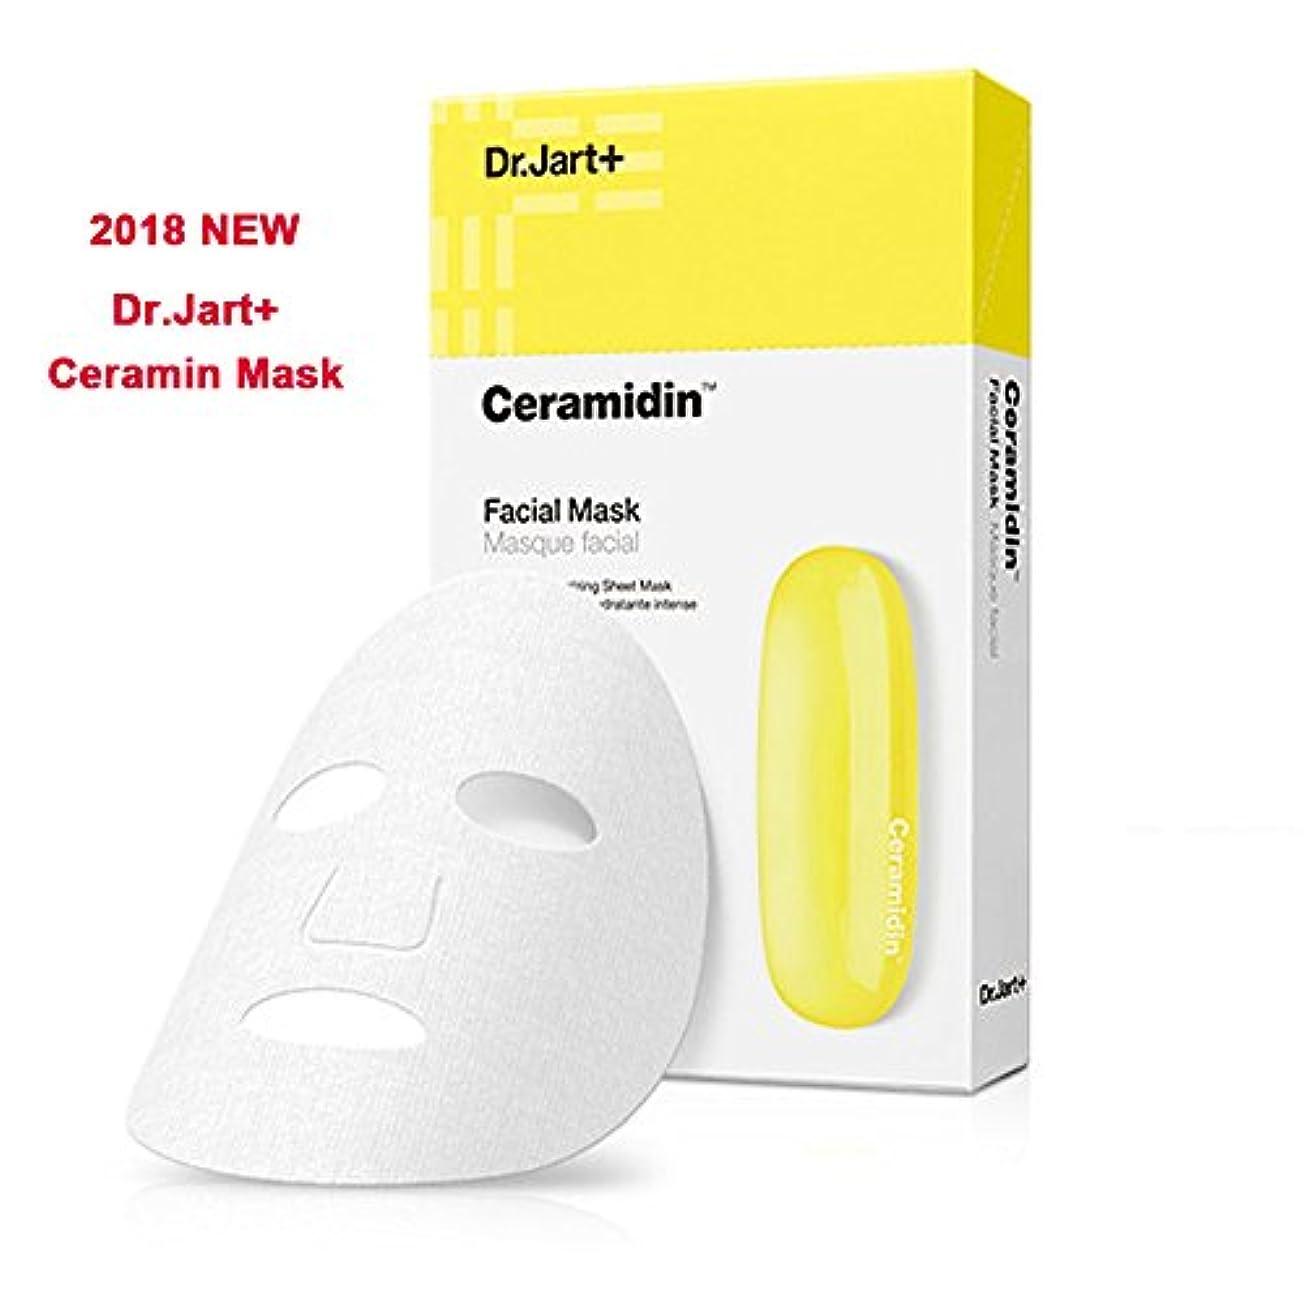 破壊撤回する曲[韓国コスメ Dr.Jart+] Ceramidin Mask ドクタージャルト セラマイディンマスク(5枚) [並行輸入品]